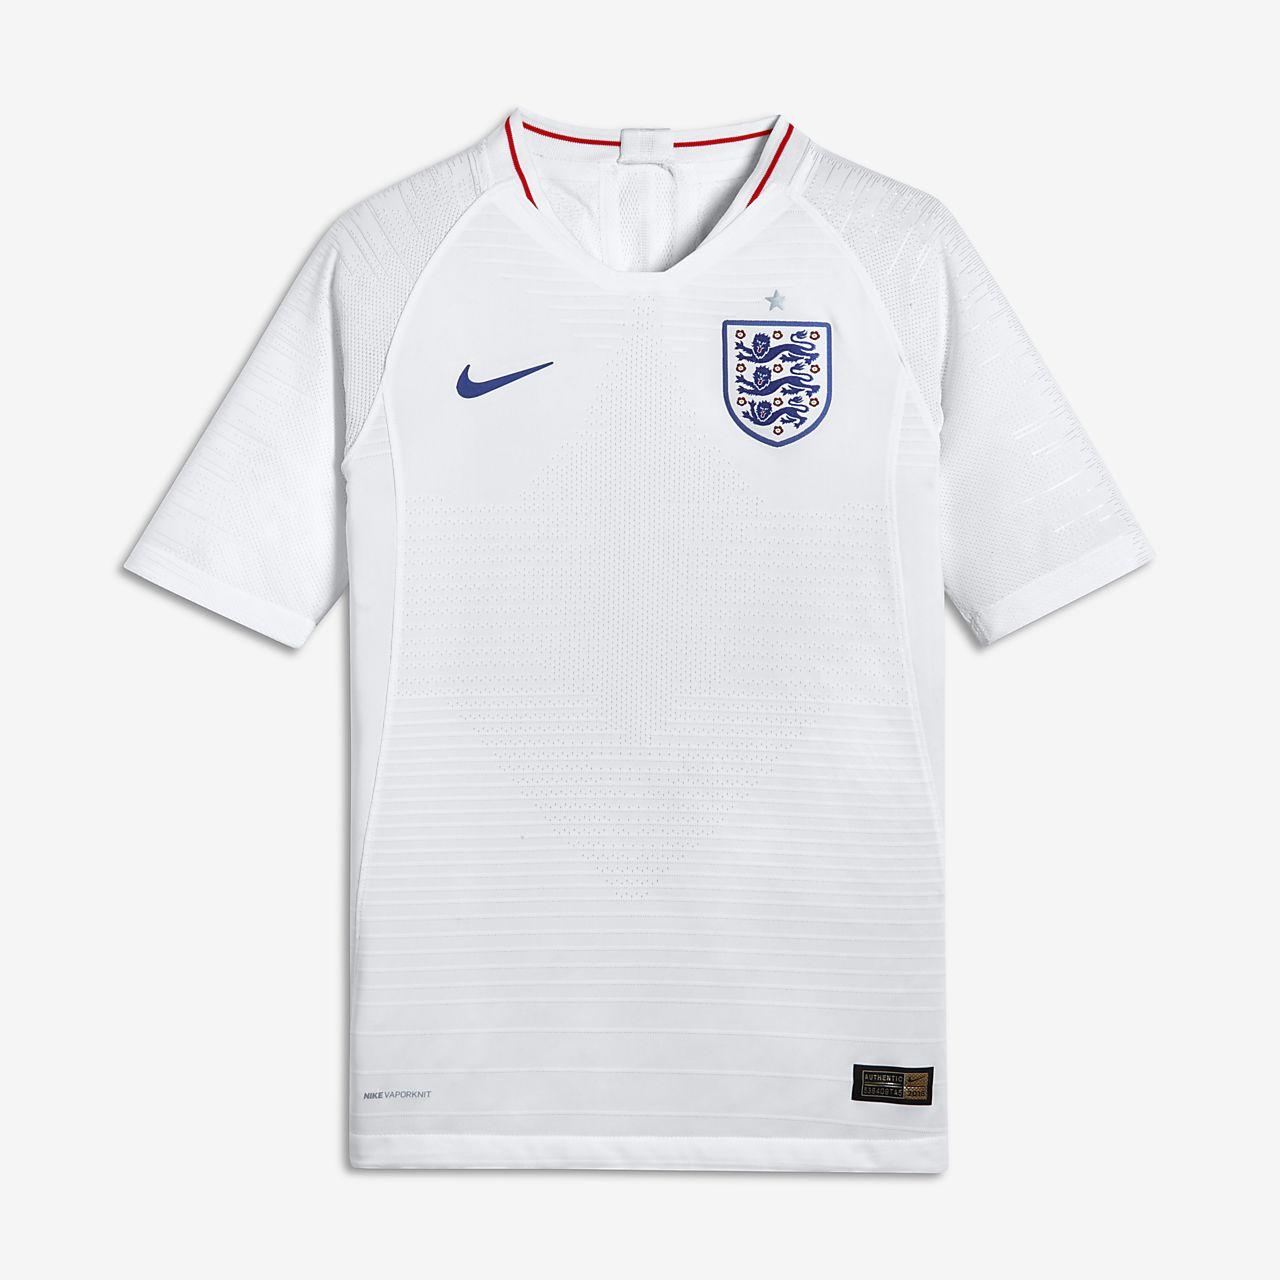 2018 England Vapor Match Home Fussballtrikot Fur Altere Kinder